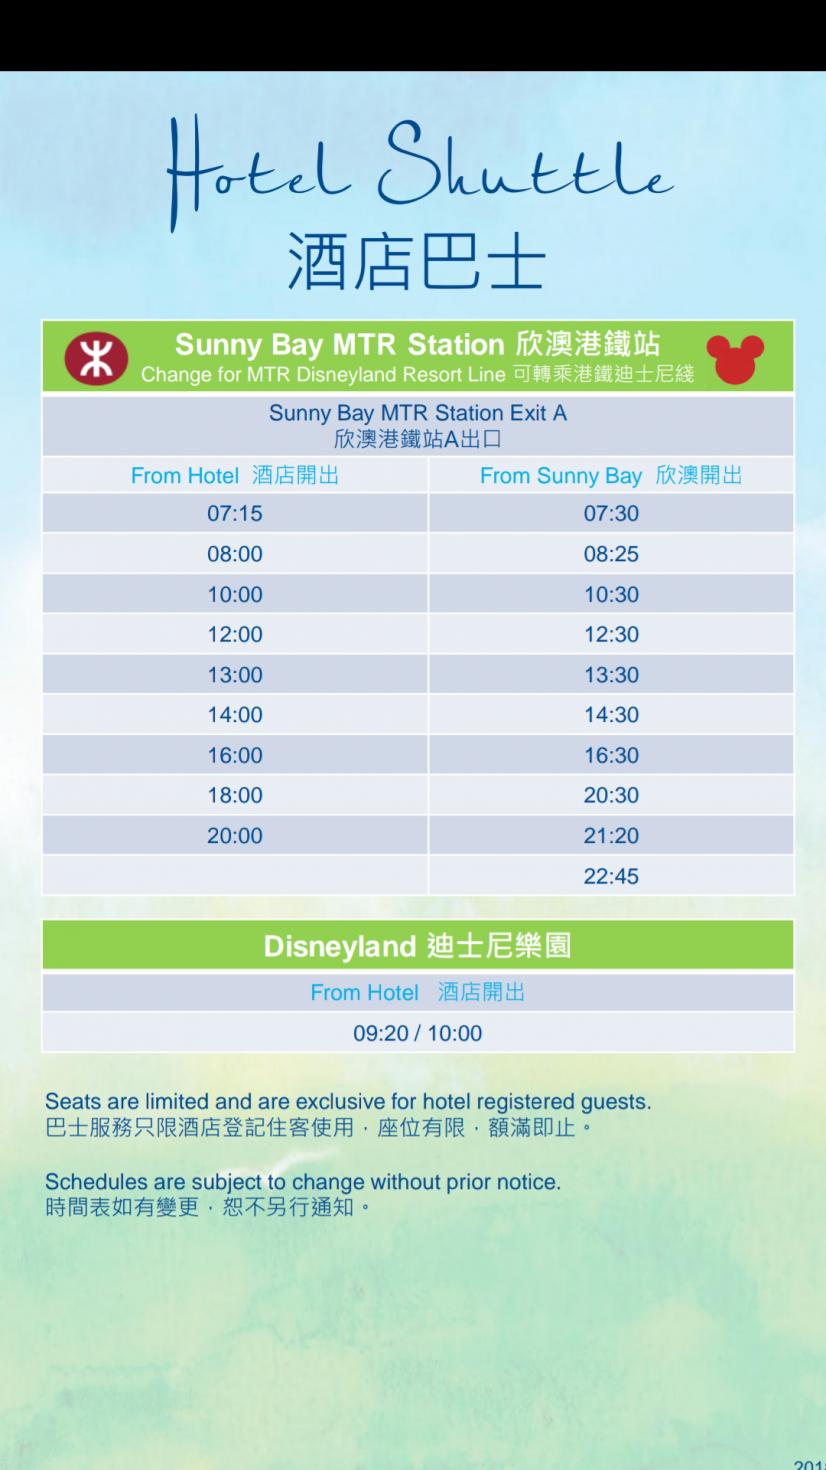 ホテルの無料シャトルバスの時刻表がこちら。間隔が長いので、タイミングを合わせて出発 または帰宅する必要があります。